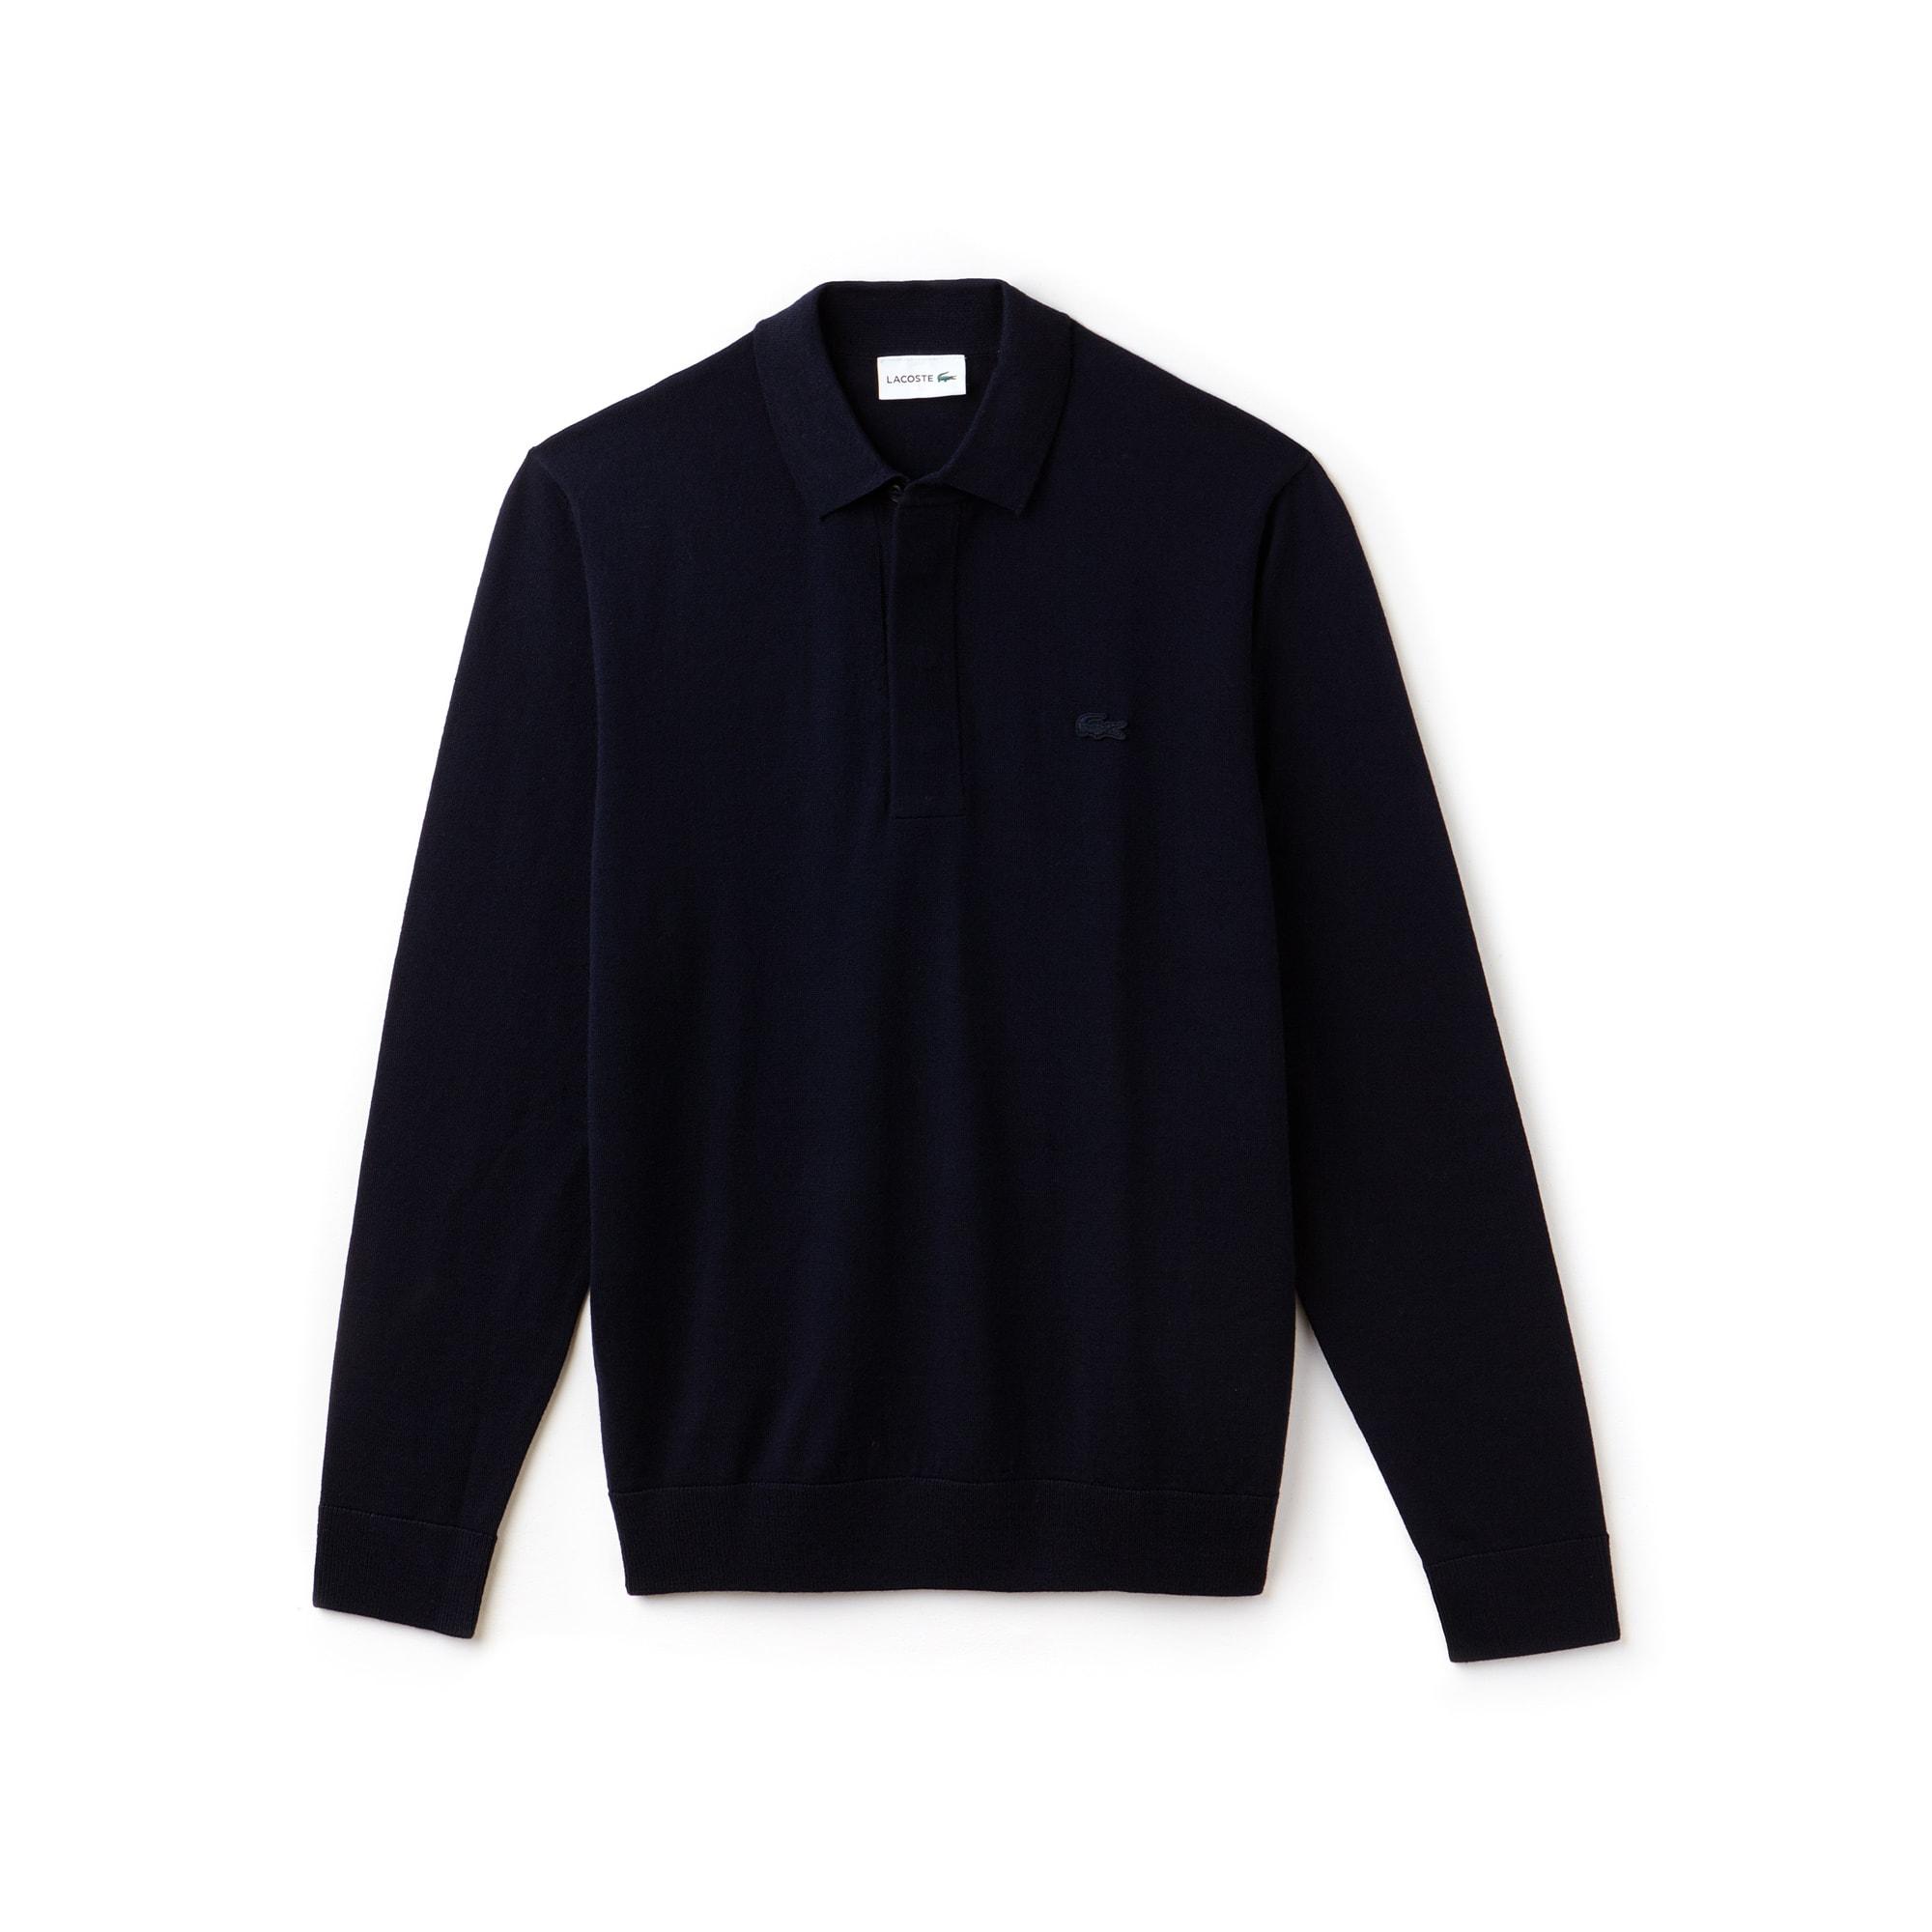 Men's Wool Jersey Sweater